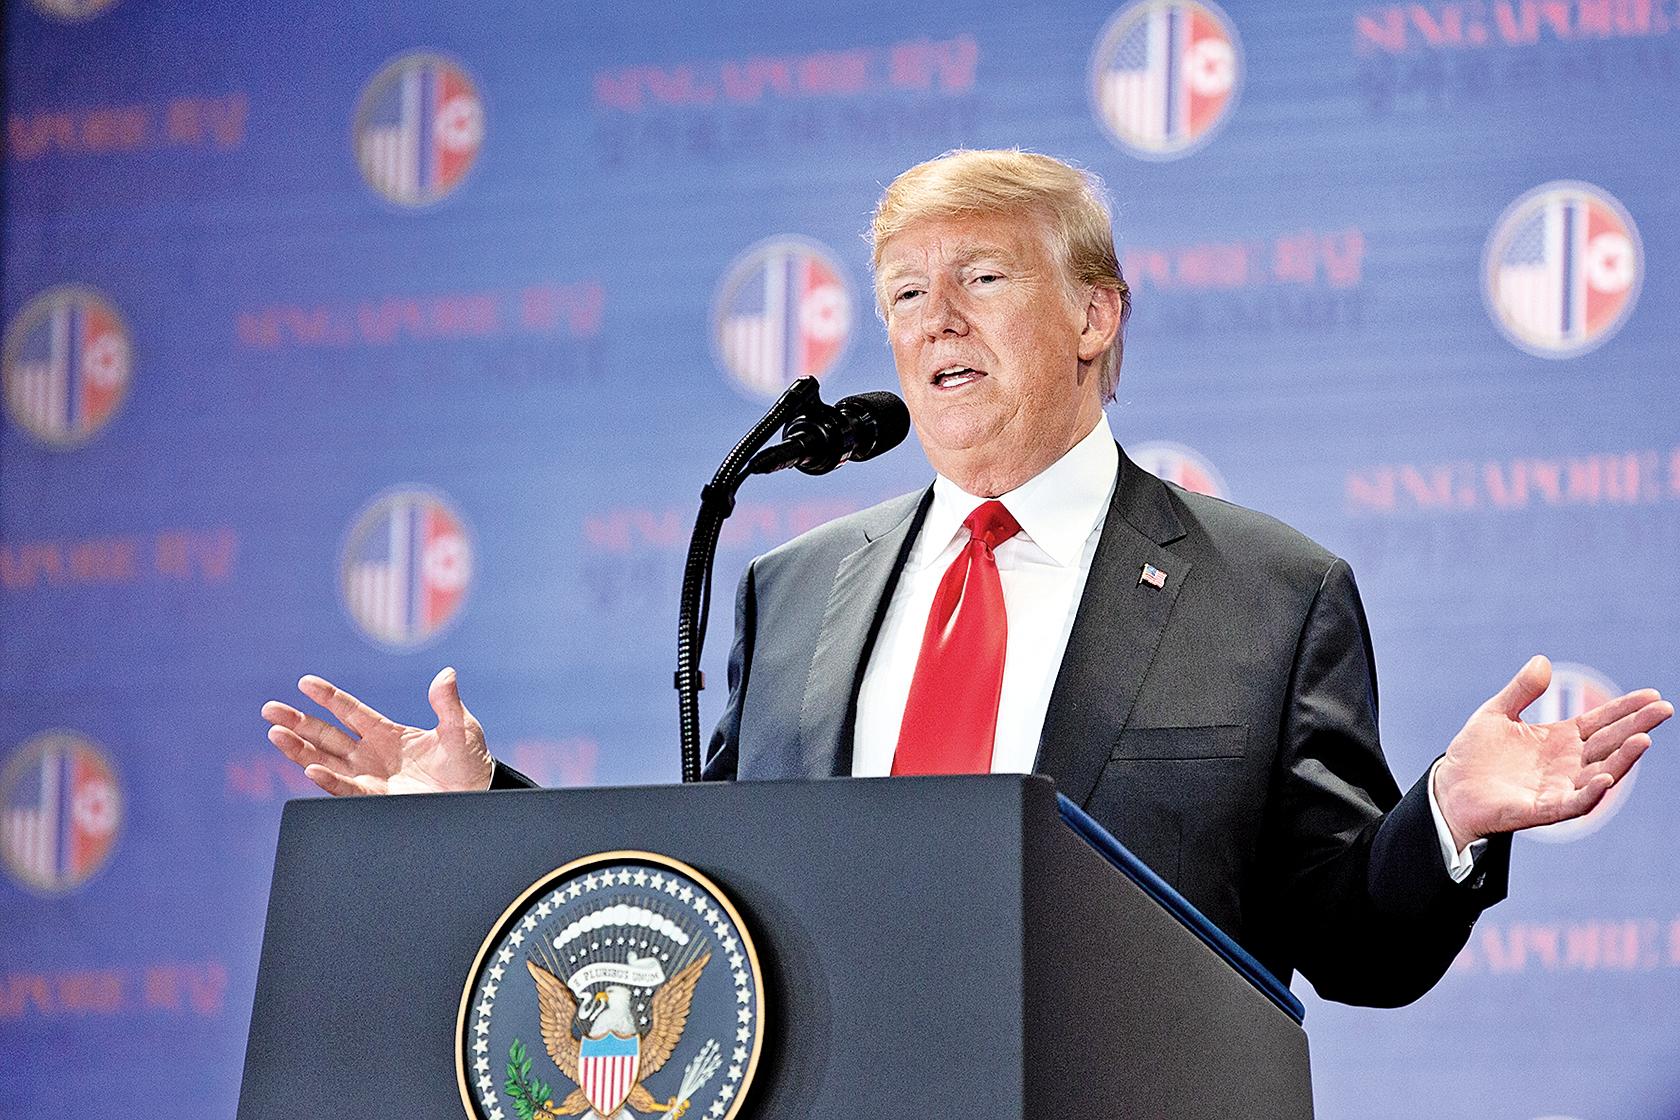 特朗普7月1 日接受霍士新聞專訪時表示,與金正恩達成無核化協議,不排除金有可能食言。(Samira Bouaou /大紀元)